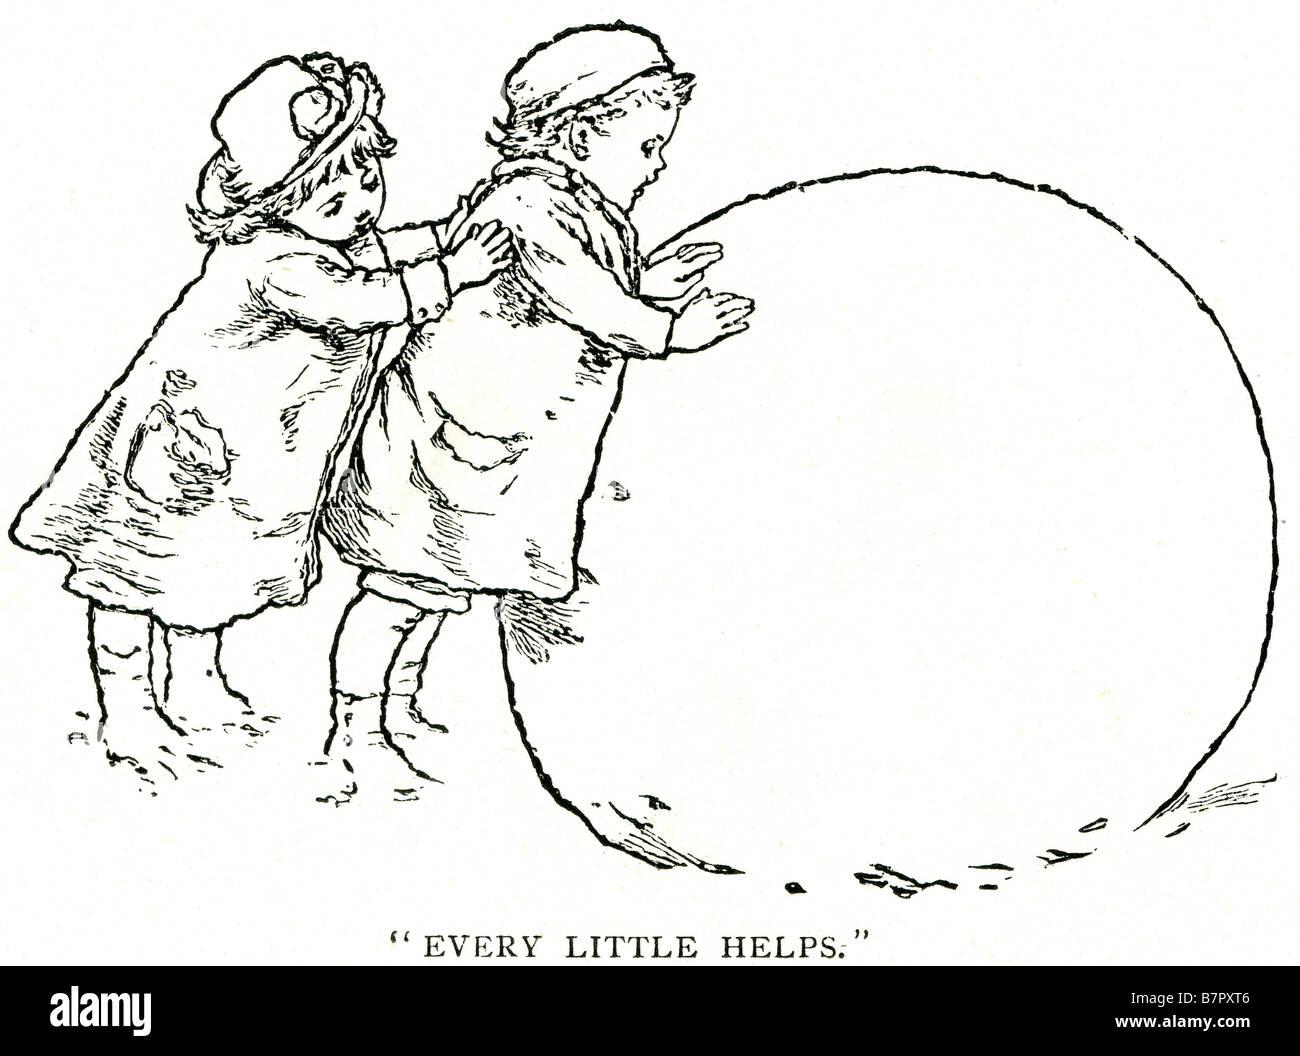 Sprüche Die Jedes Bisschen Hilft Schneeball Schnee Mann 2